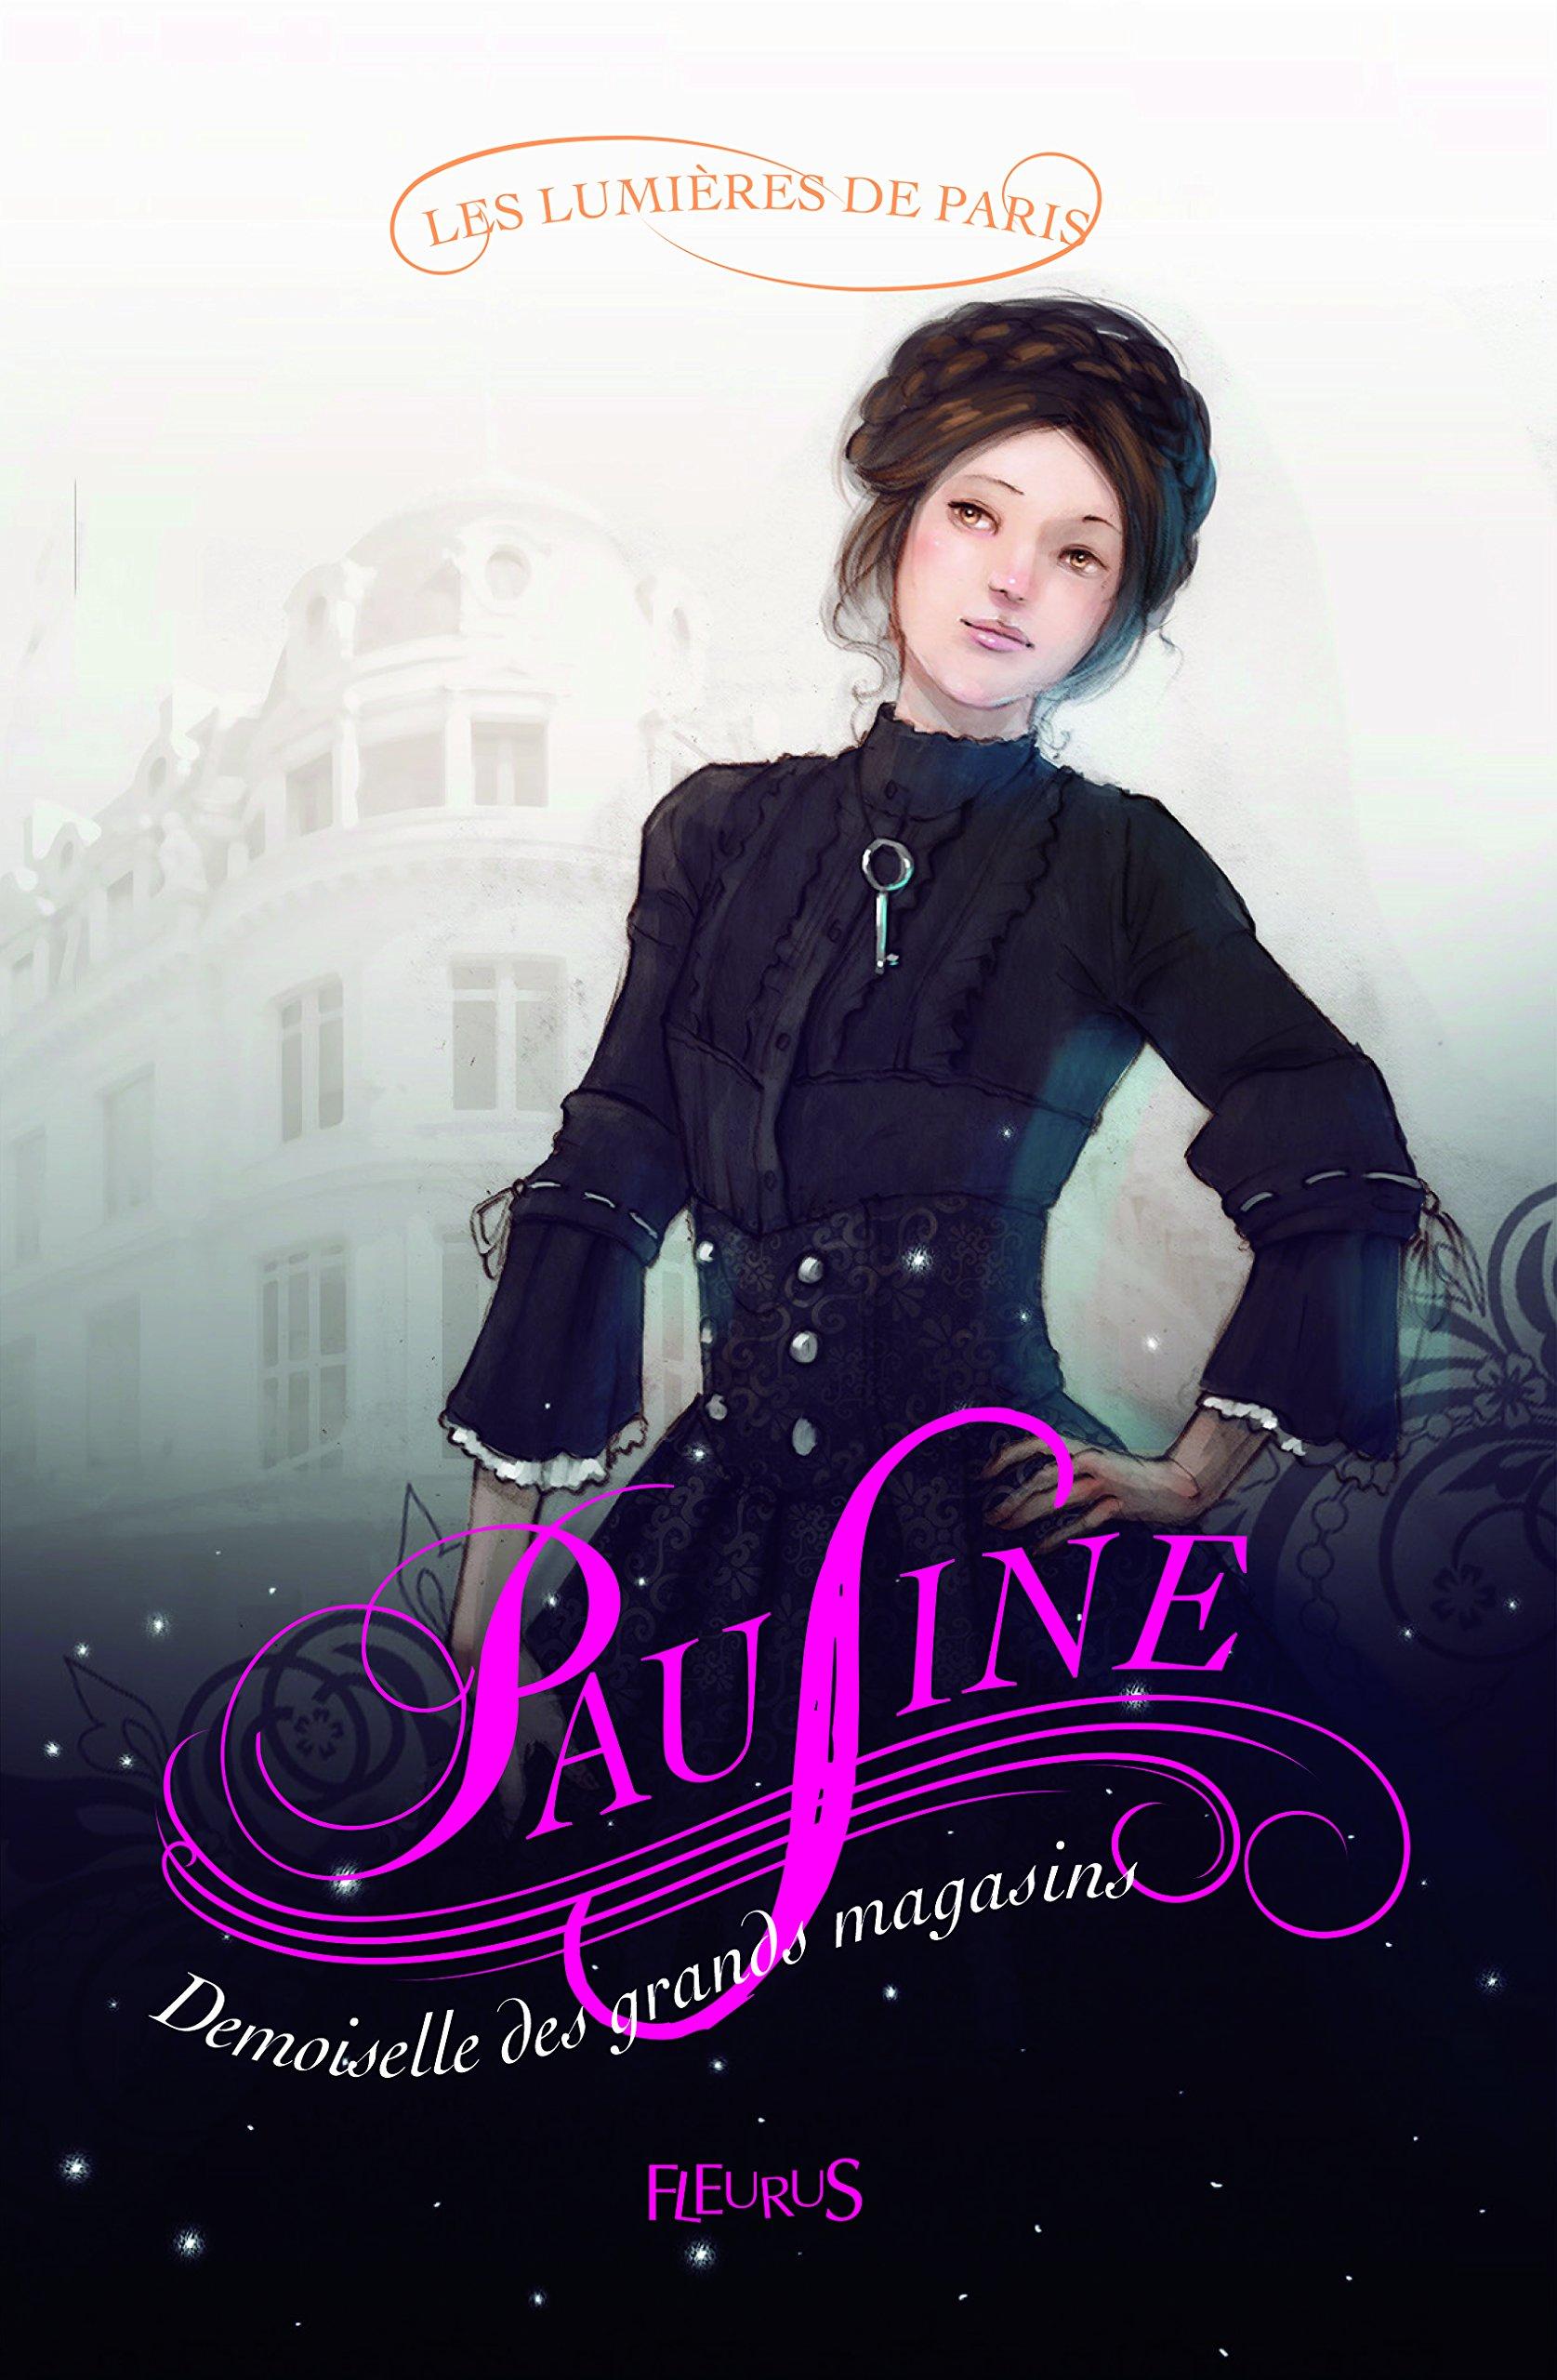 pauline - Pauline, Demoiselle des grands magasins de Gwenaële Barussaud 81MiltATQ2L